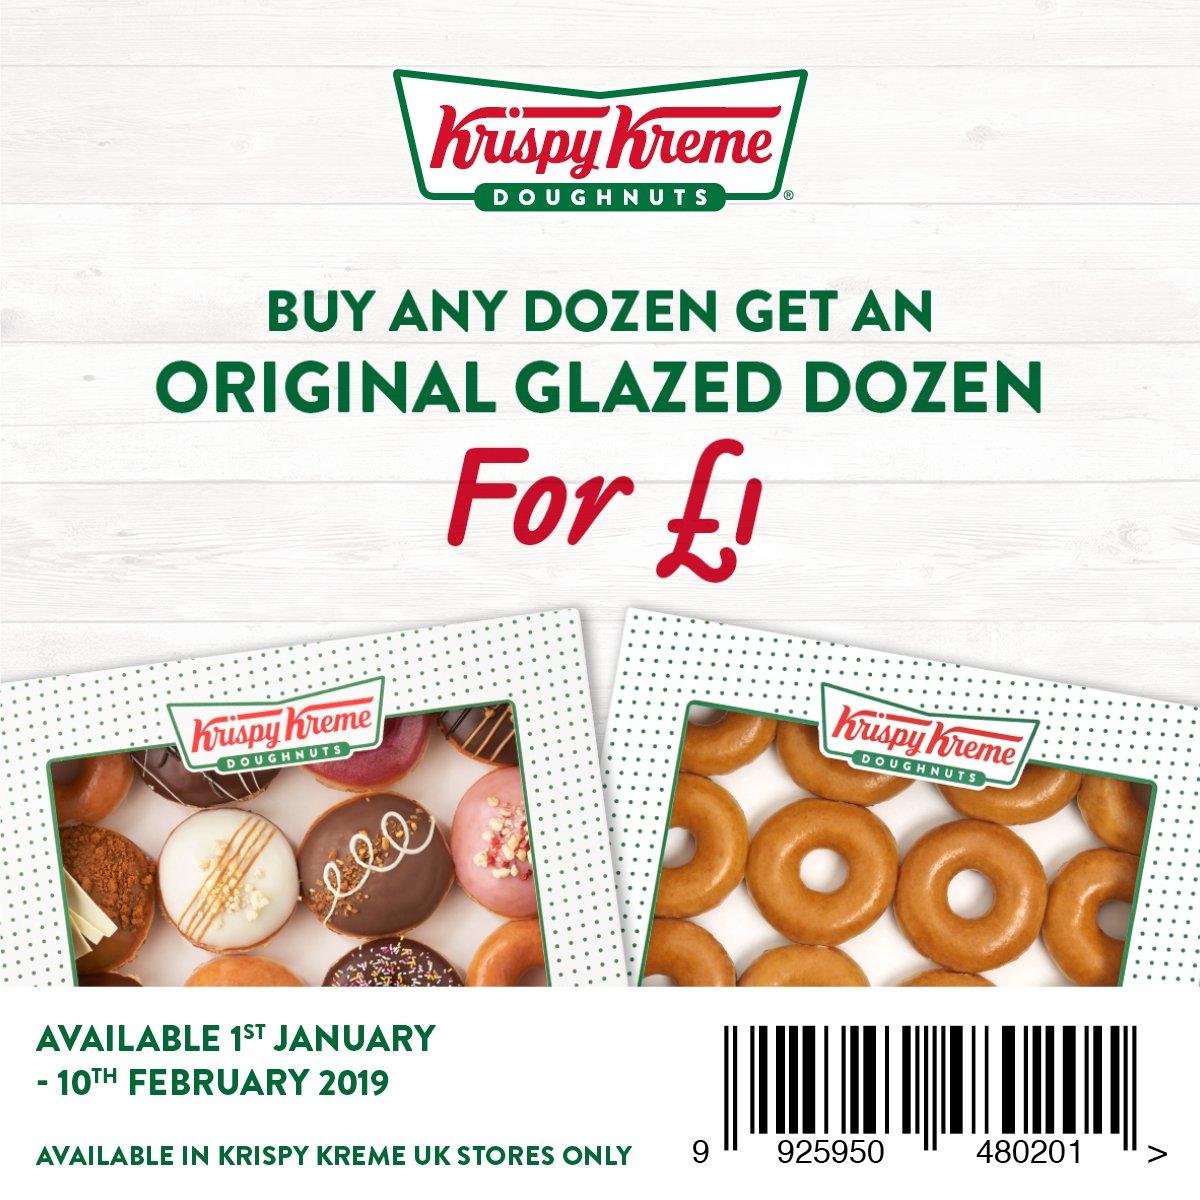 Active Krispy Kreme Vouchers & Discount Codes for June 12222